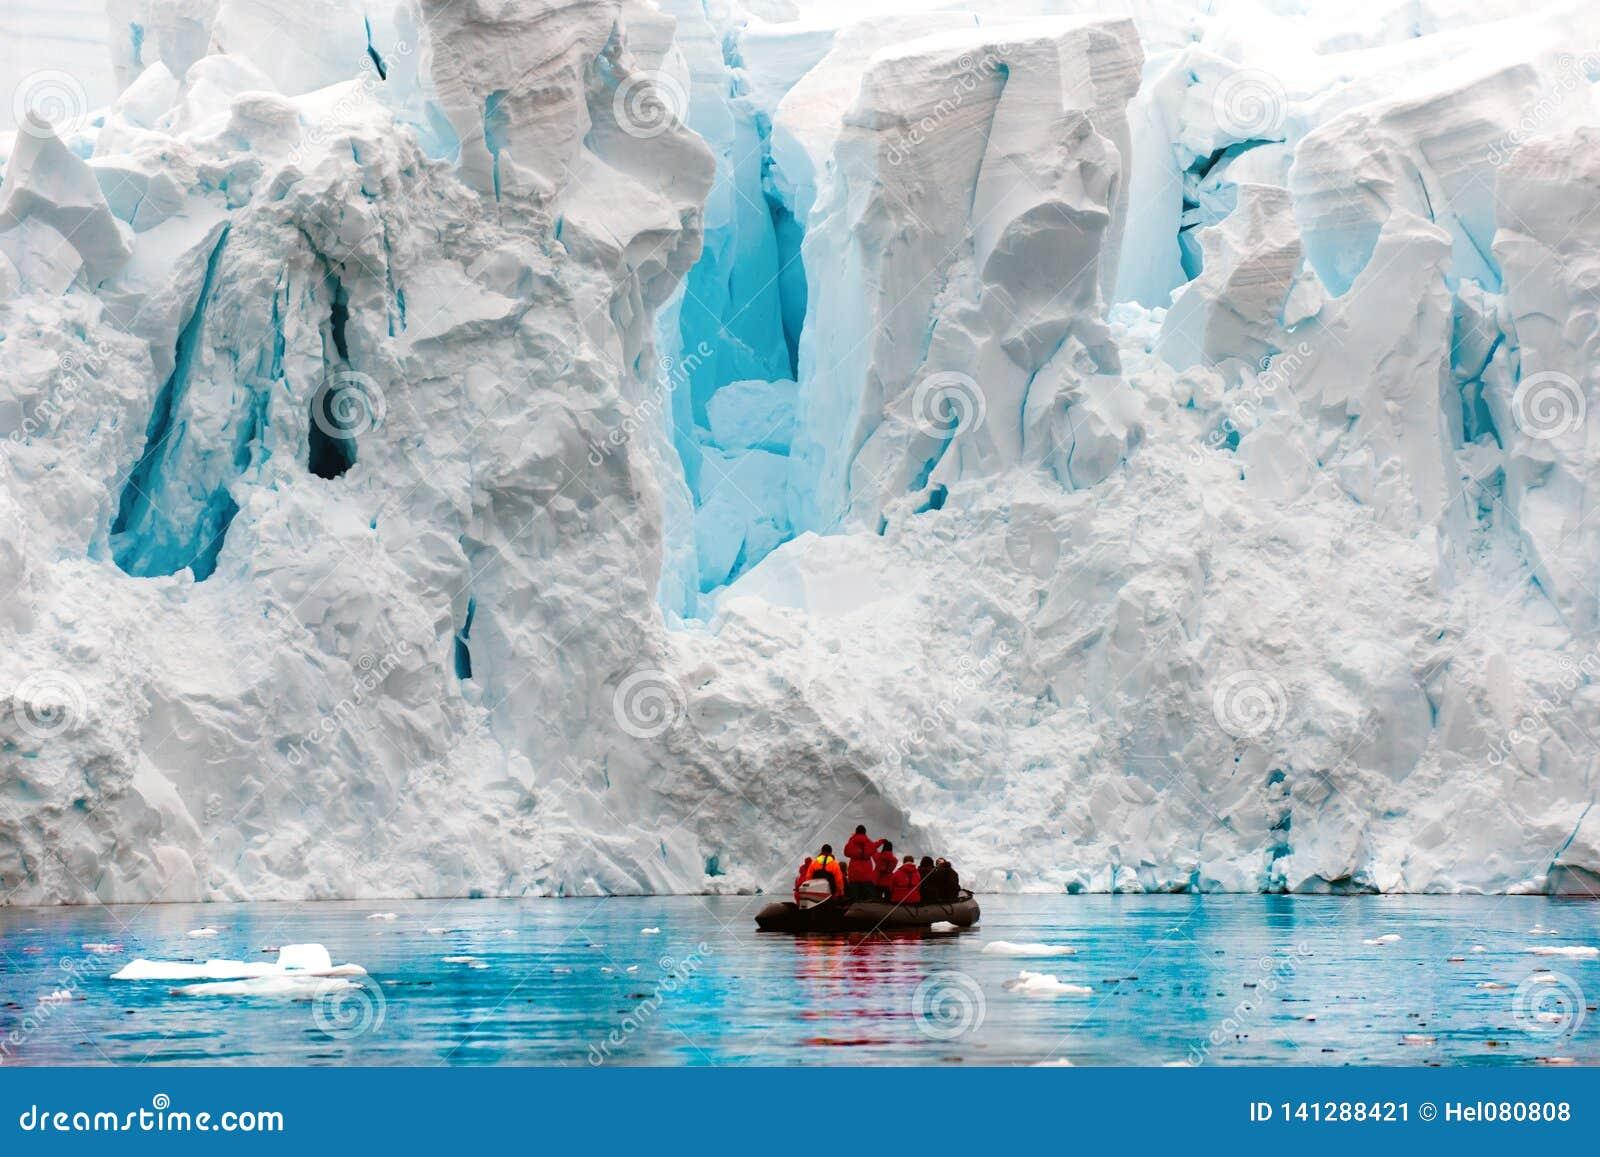 Gletscherkalben in der Antarktis, Leute im Tierkreis vor steiler Böschung des Gletschers